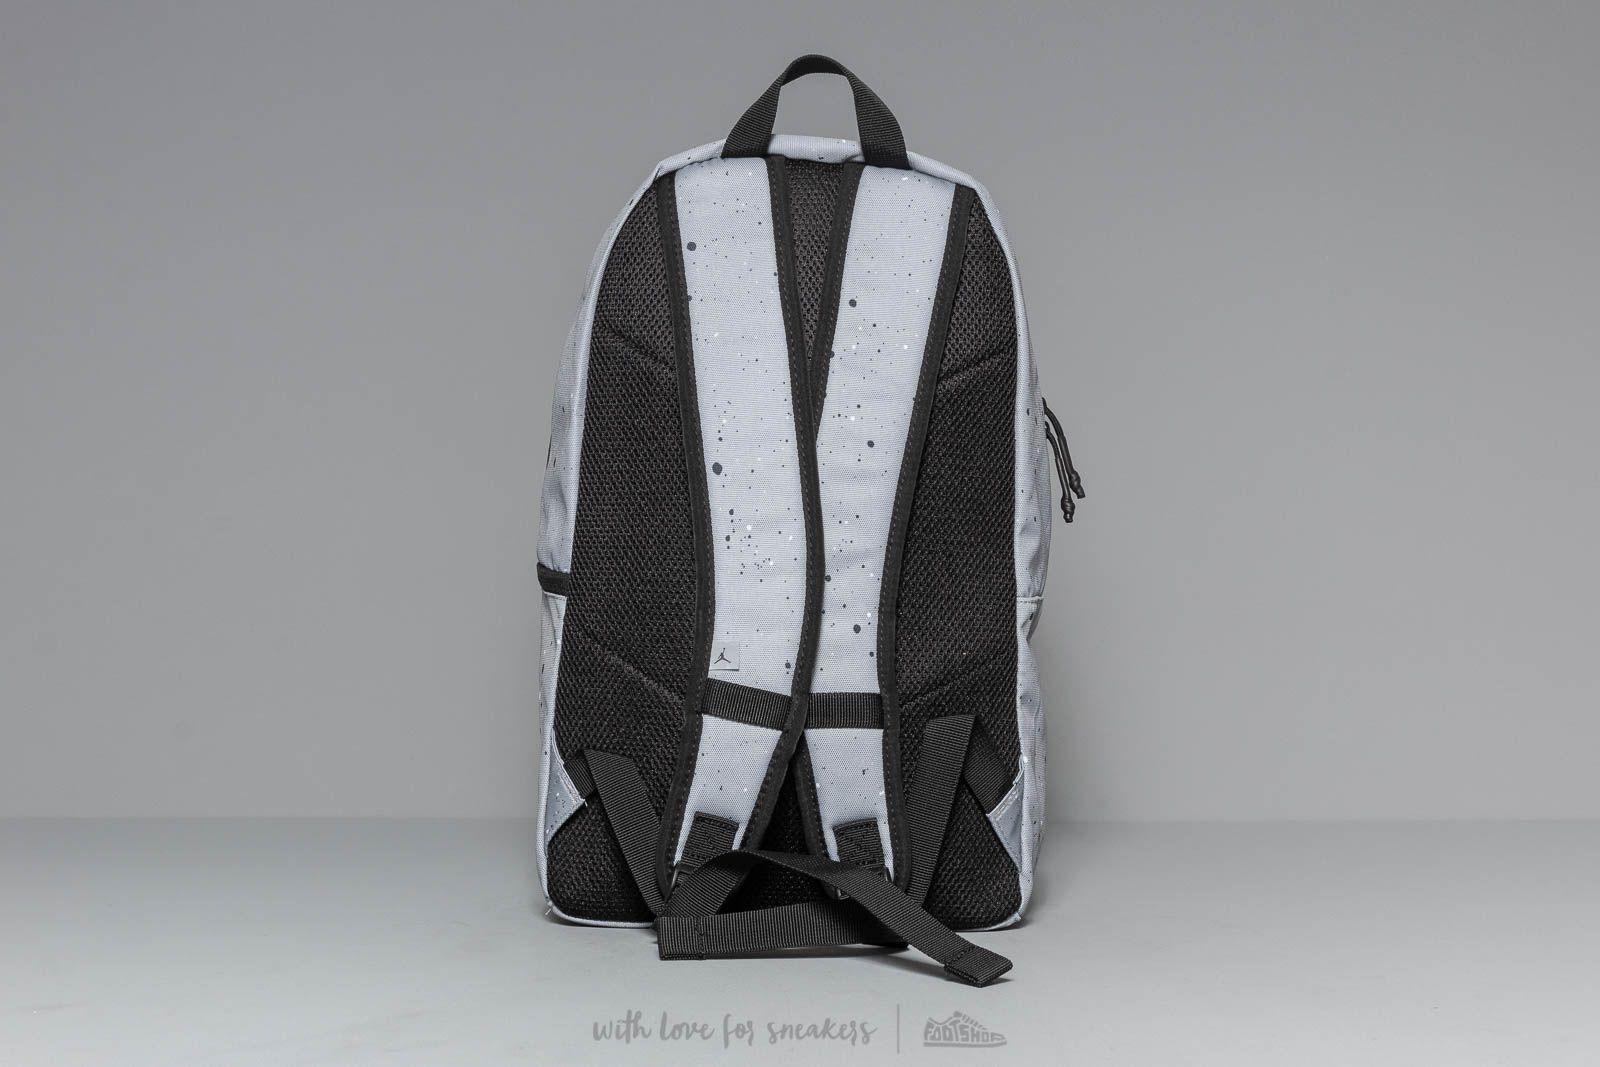 d96f530e0b Jordan Air Crossover Backpack Wolf Grey/ White au meilleur prix 44 €  Achetez sur Footshop